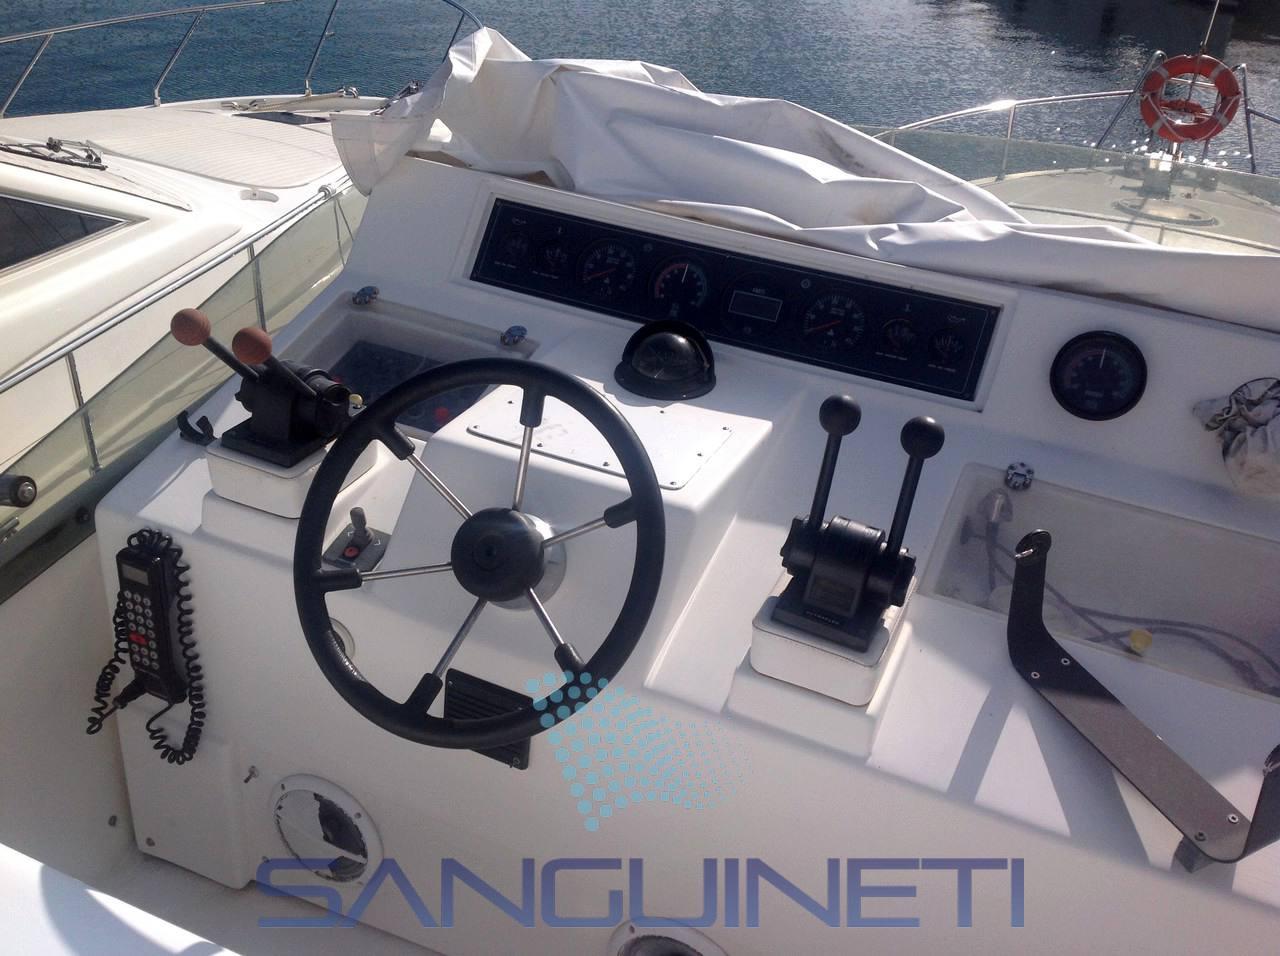 Gianetti 46 Flybridge used